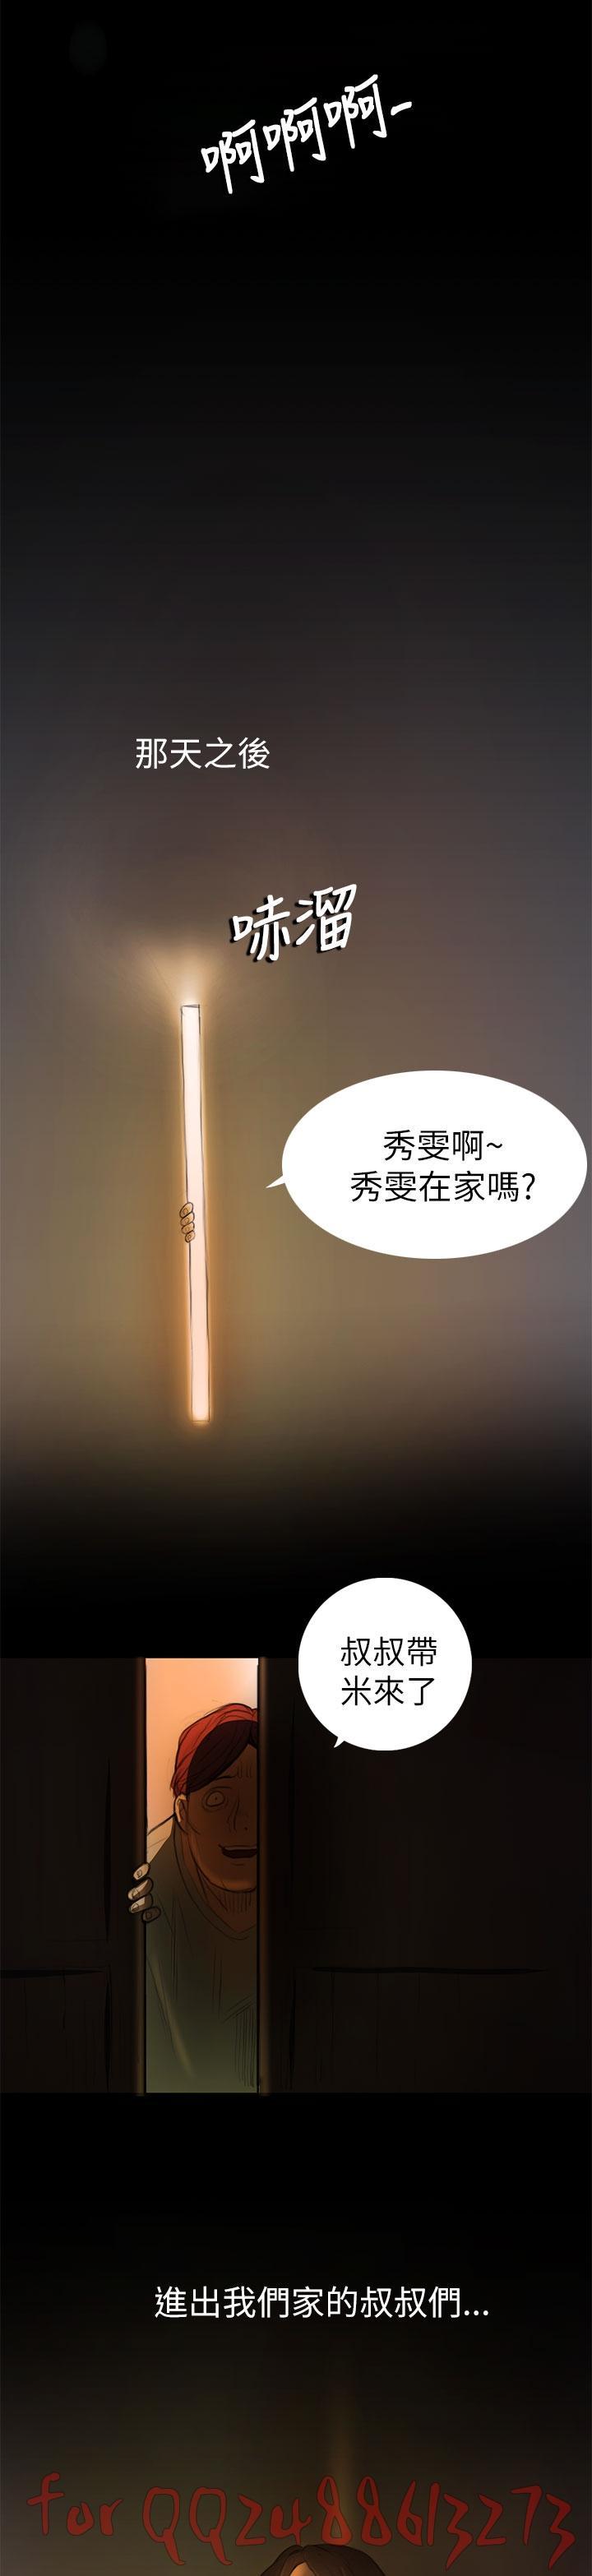 姊姊: 莲 第1~10話 [Chinese]中文 91